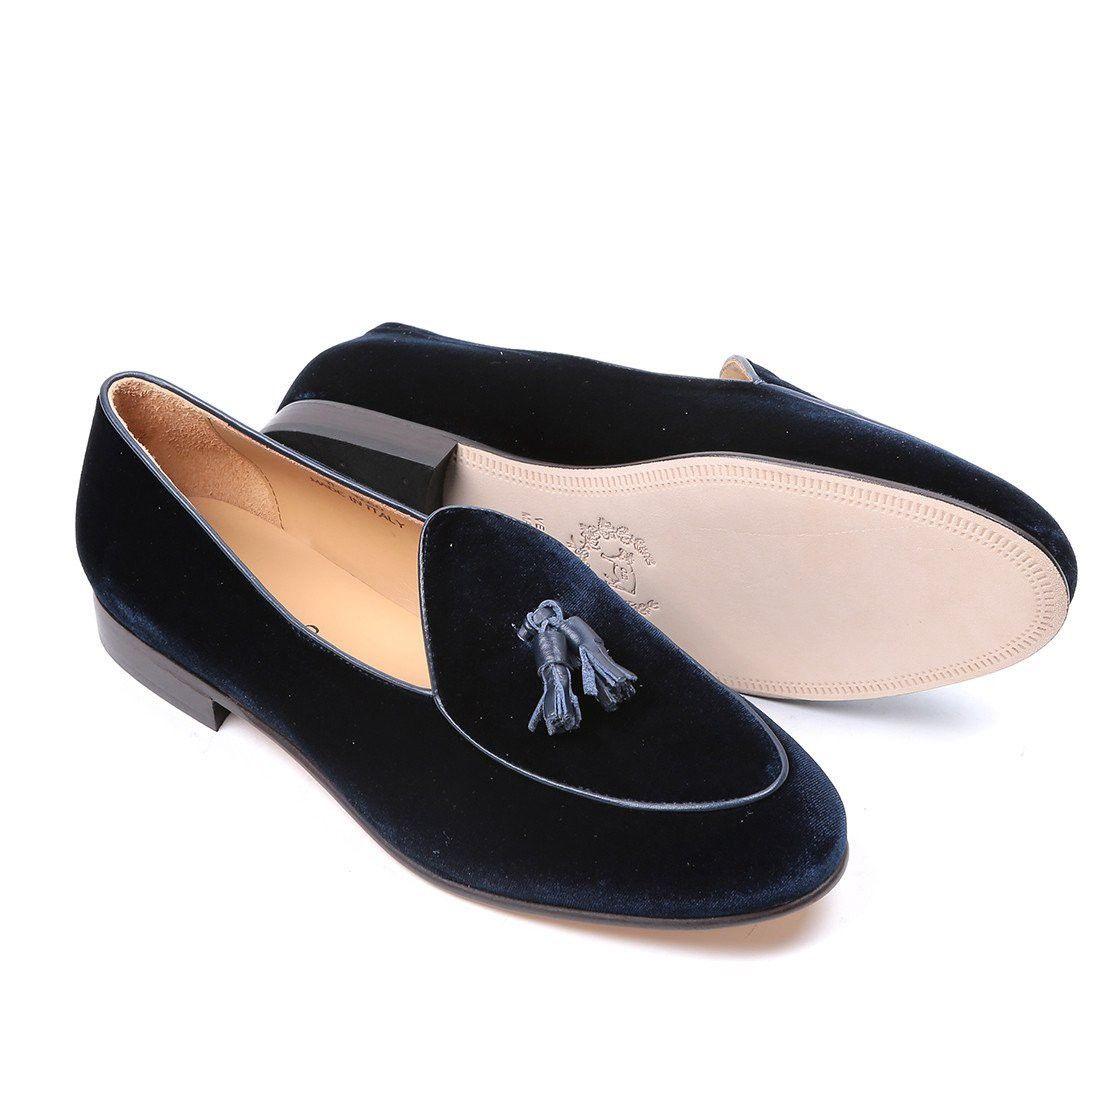 971dfa001 DEL TORO Navy Velvet Loafer with Navy Tassel. #deltoro #shoes ...